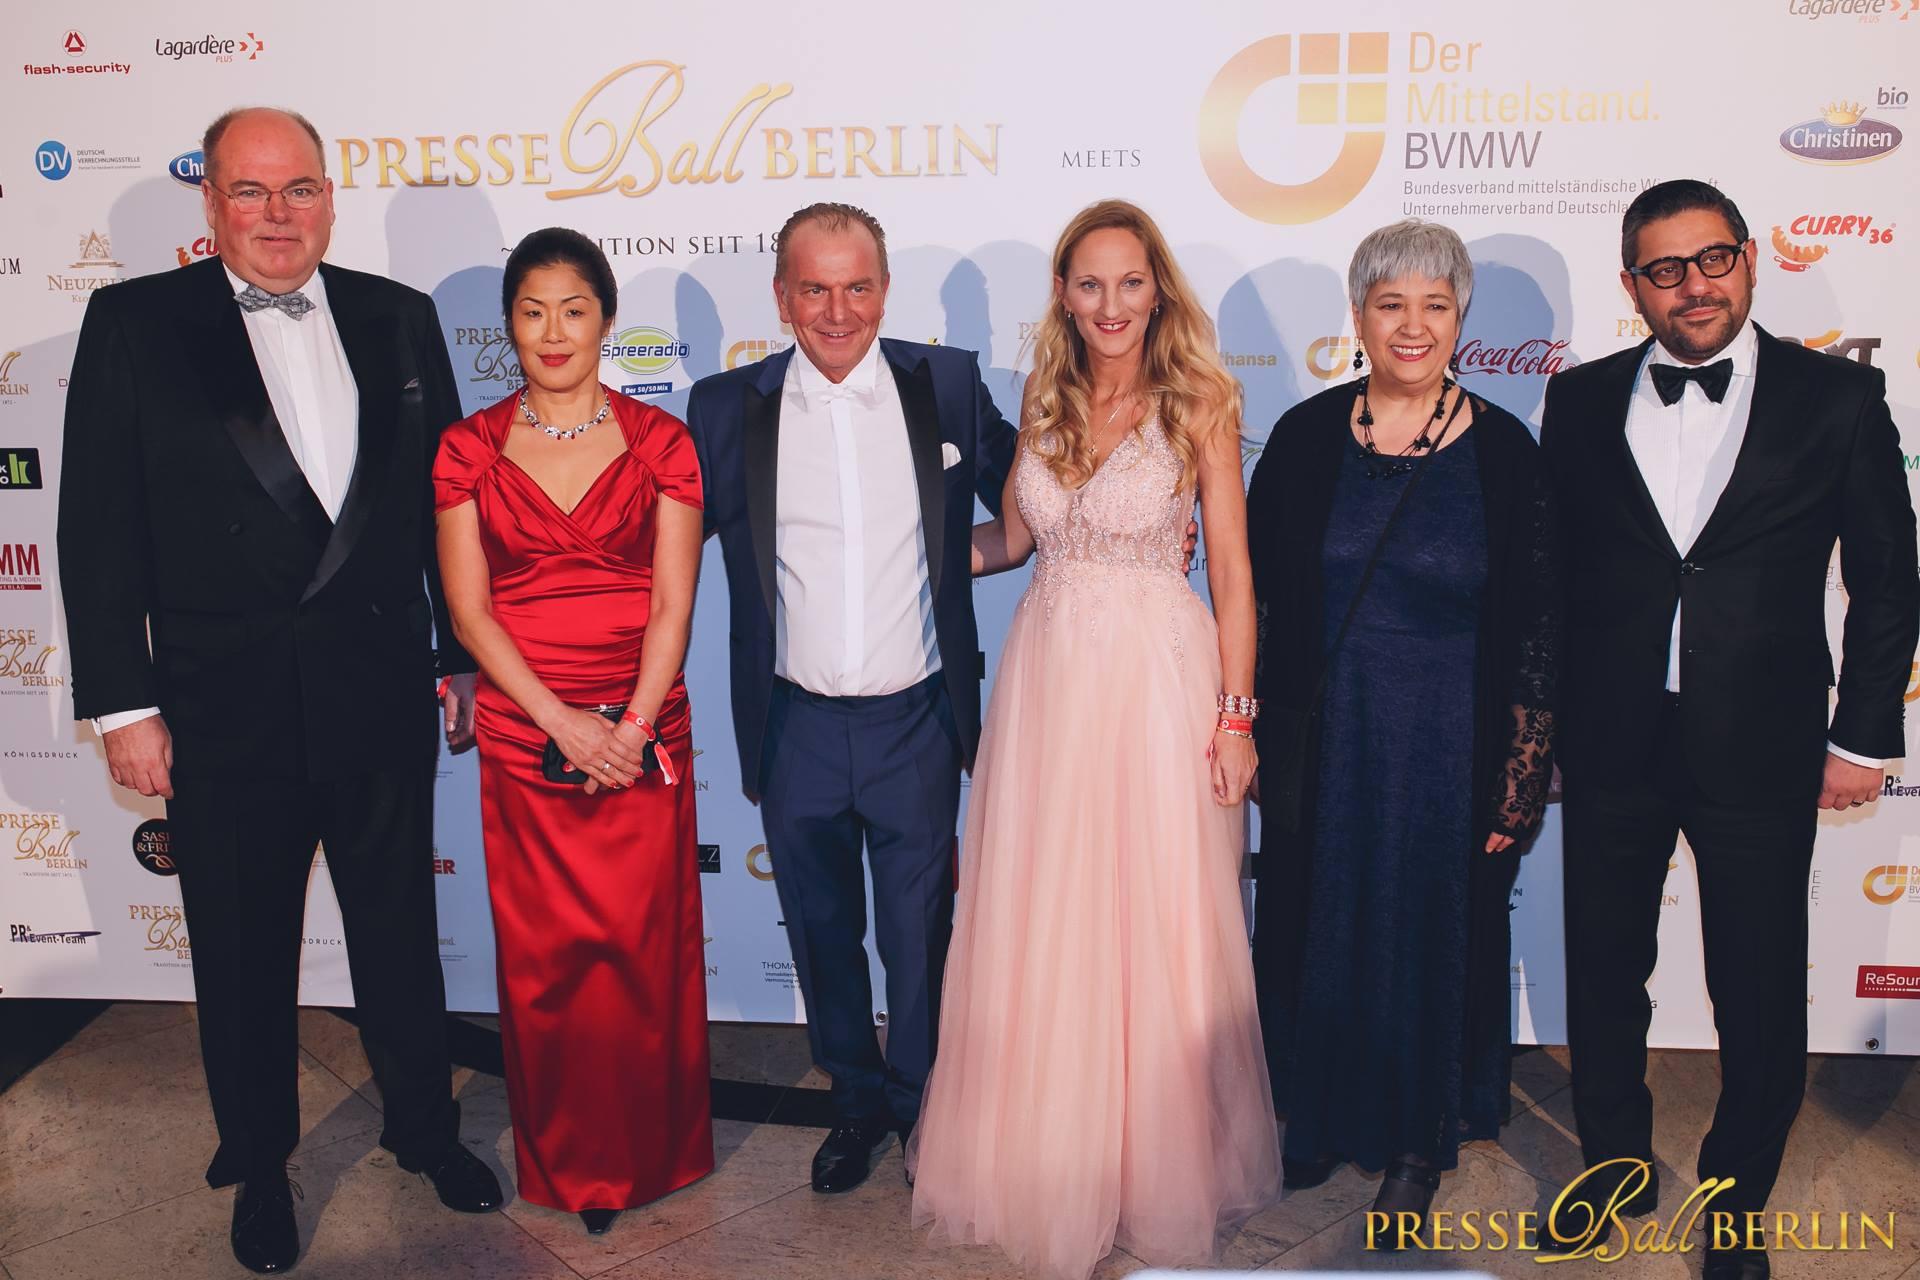 v.l. n.r. Walter Kohl und seine Frau Kyung Sook, Initiatoren des Berliner Presseball Mario Koss und Melanie Simond sowie Seyran Ates, Ashiya Mofrad